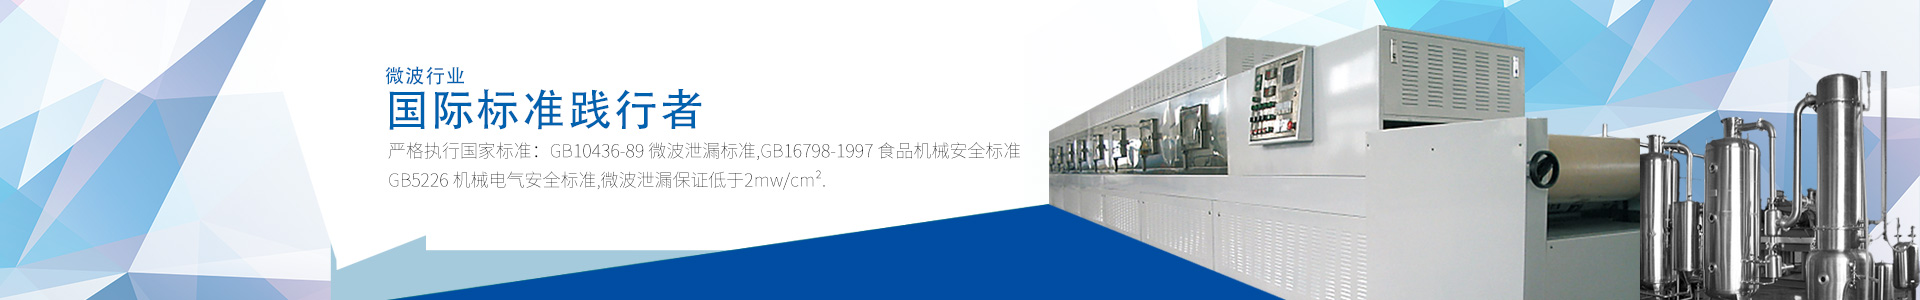 北京奥运会上海世博会大型微波干燥设备供应商-上海博奥